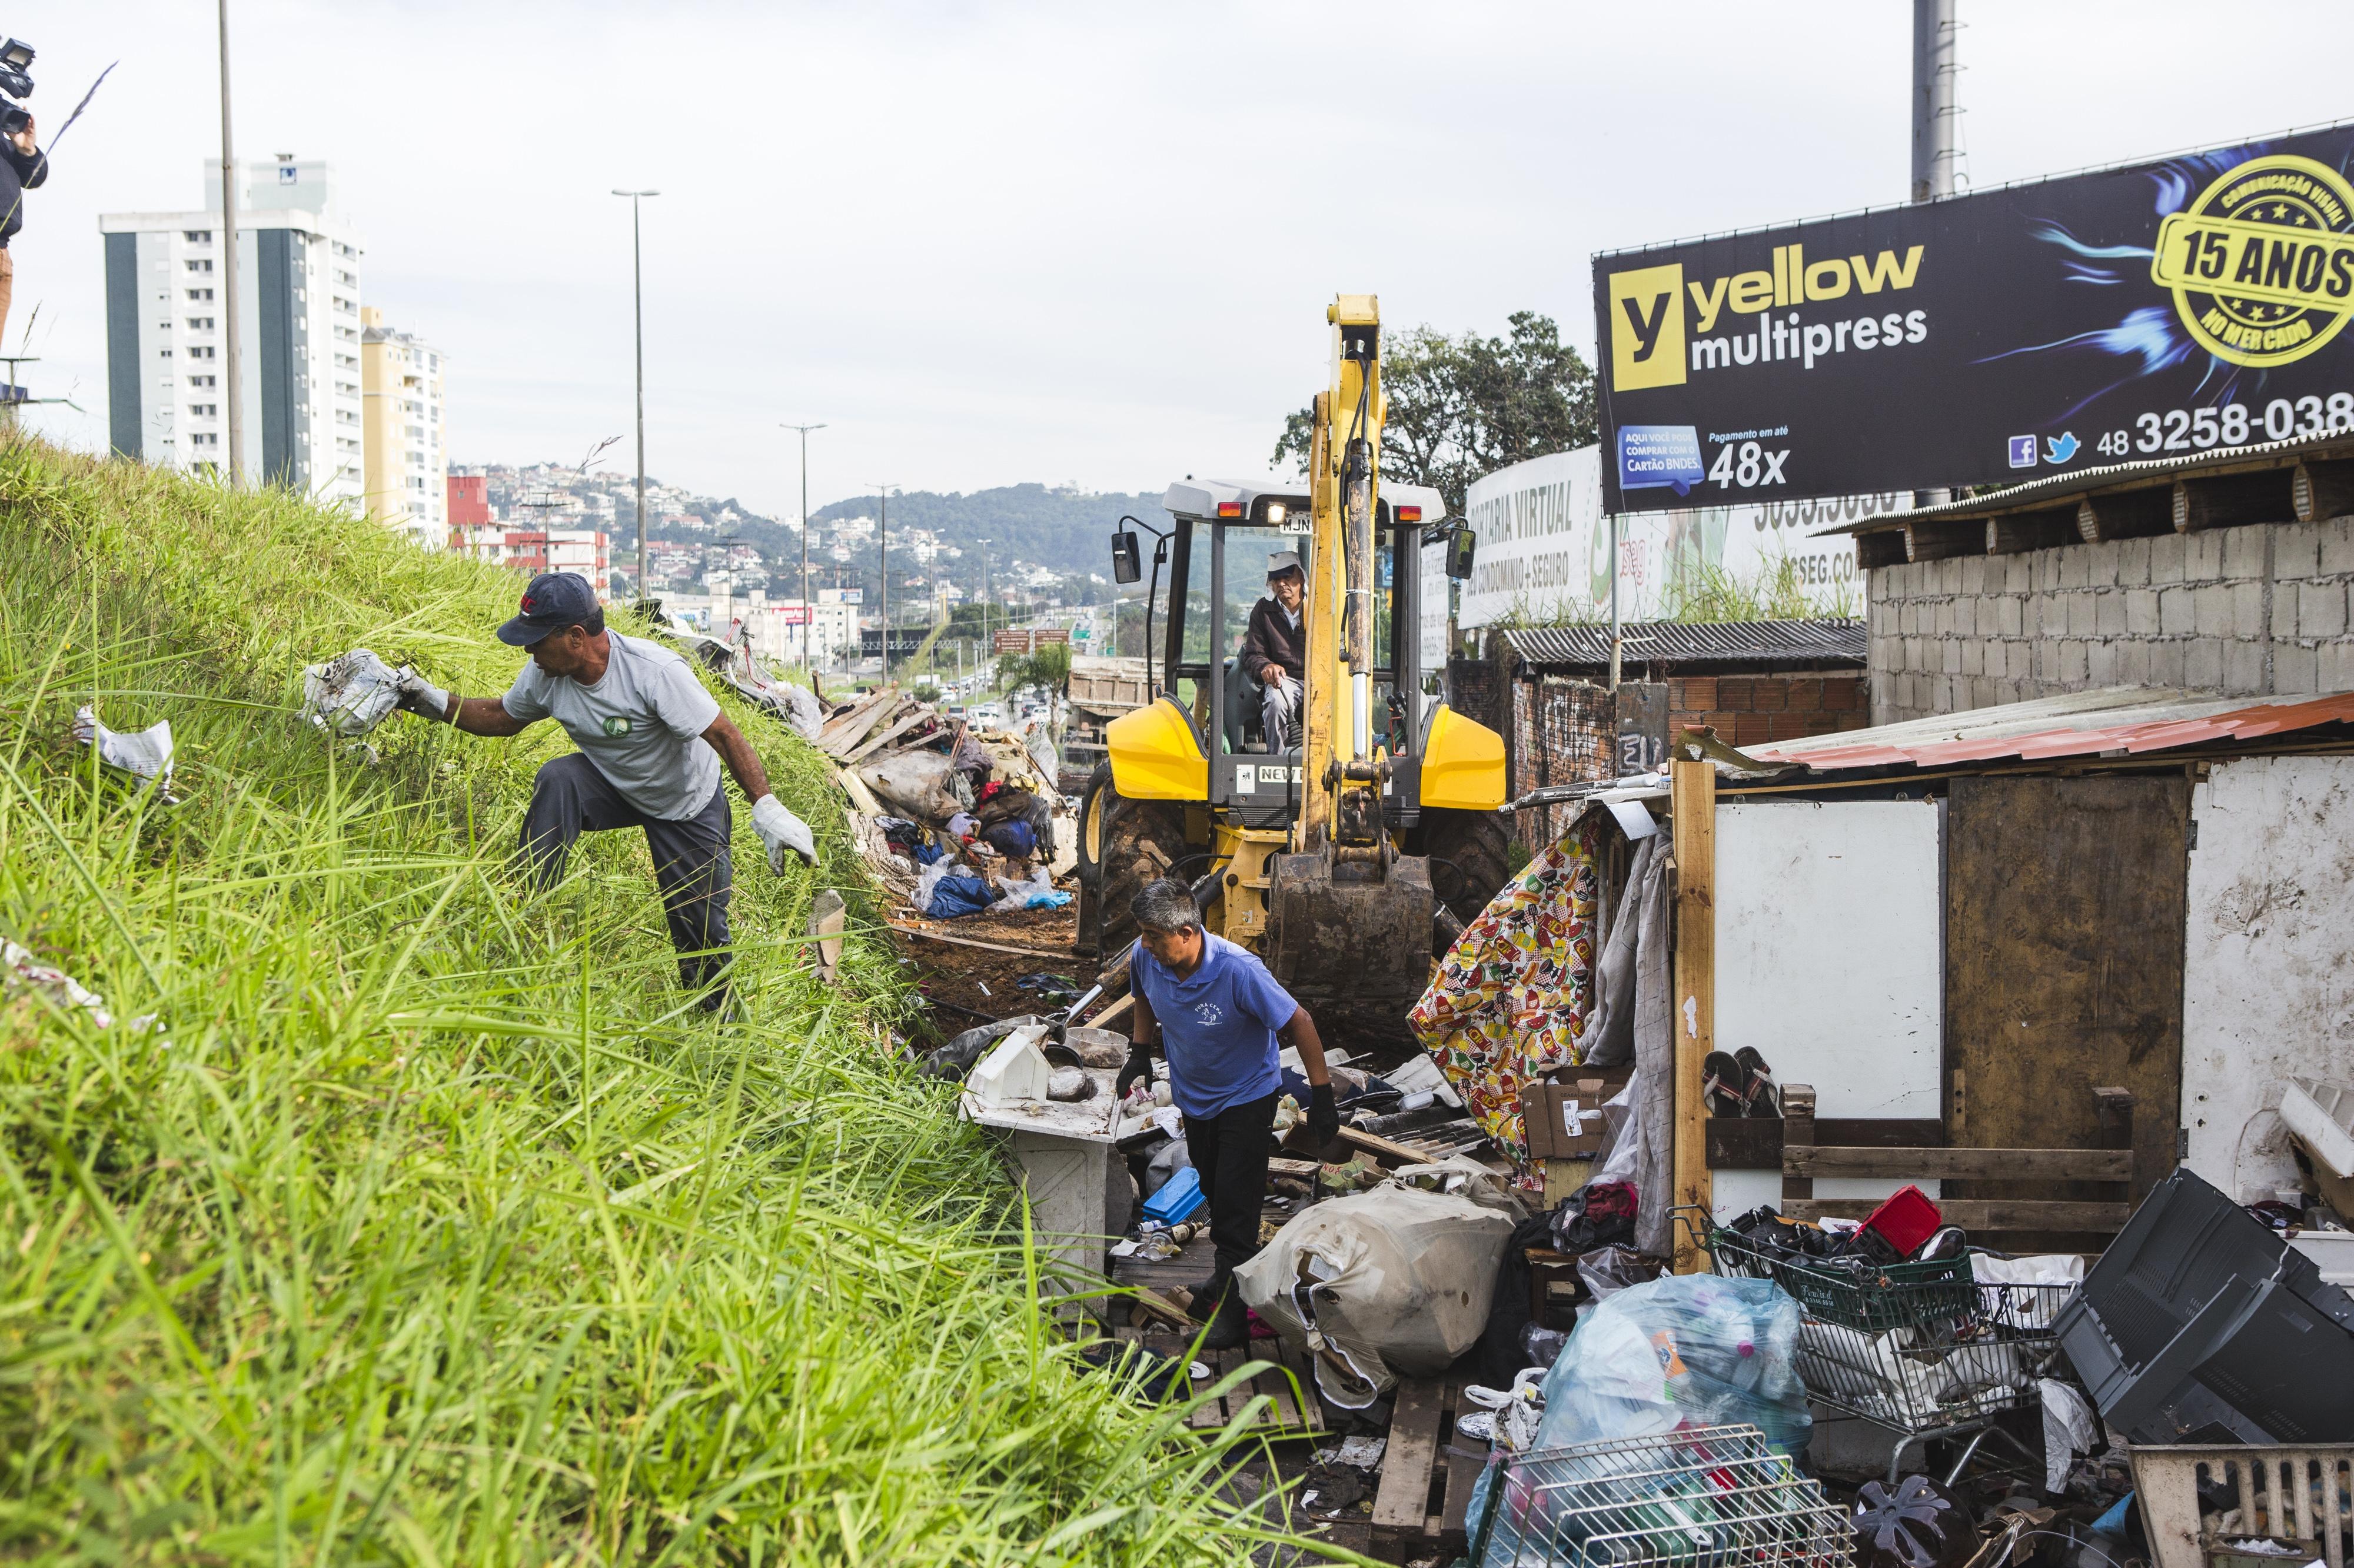 Entulhos e barracos deixados na região foram retirados - Daniel Queiroz/ND